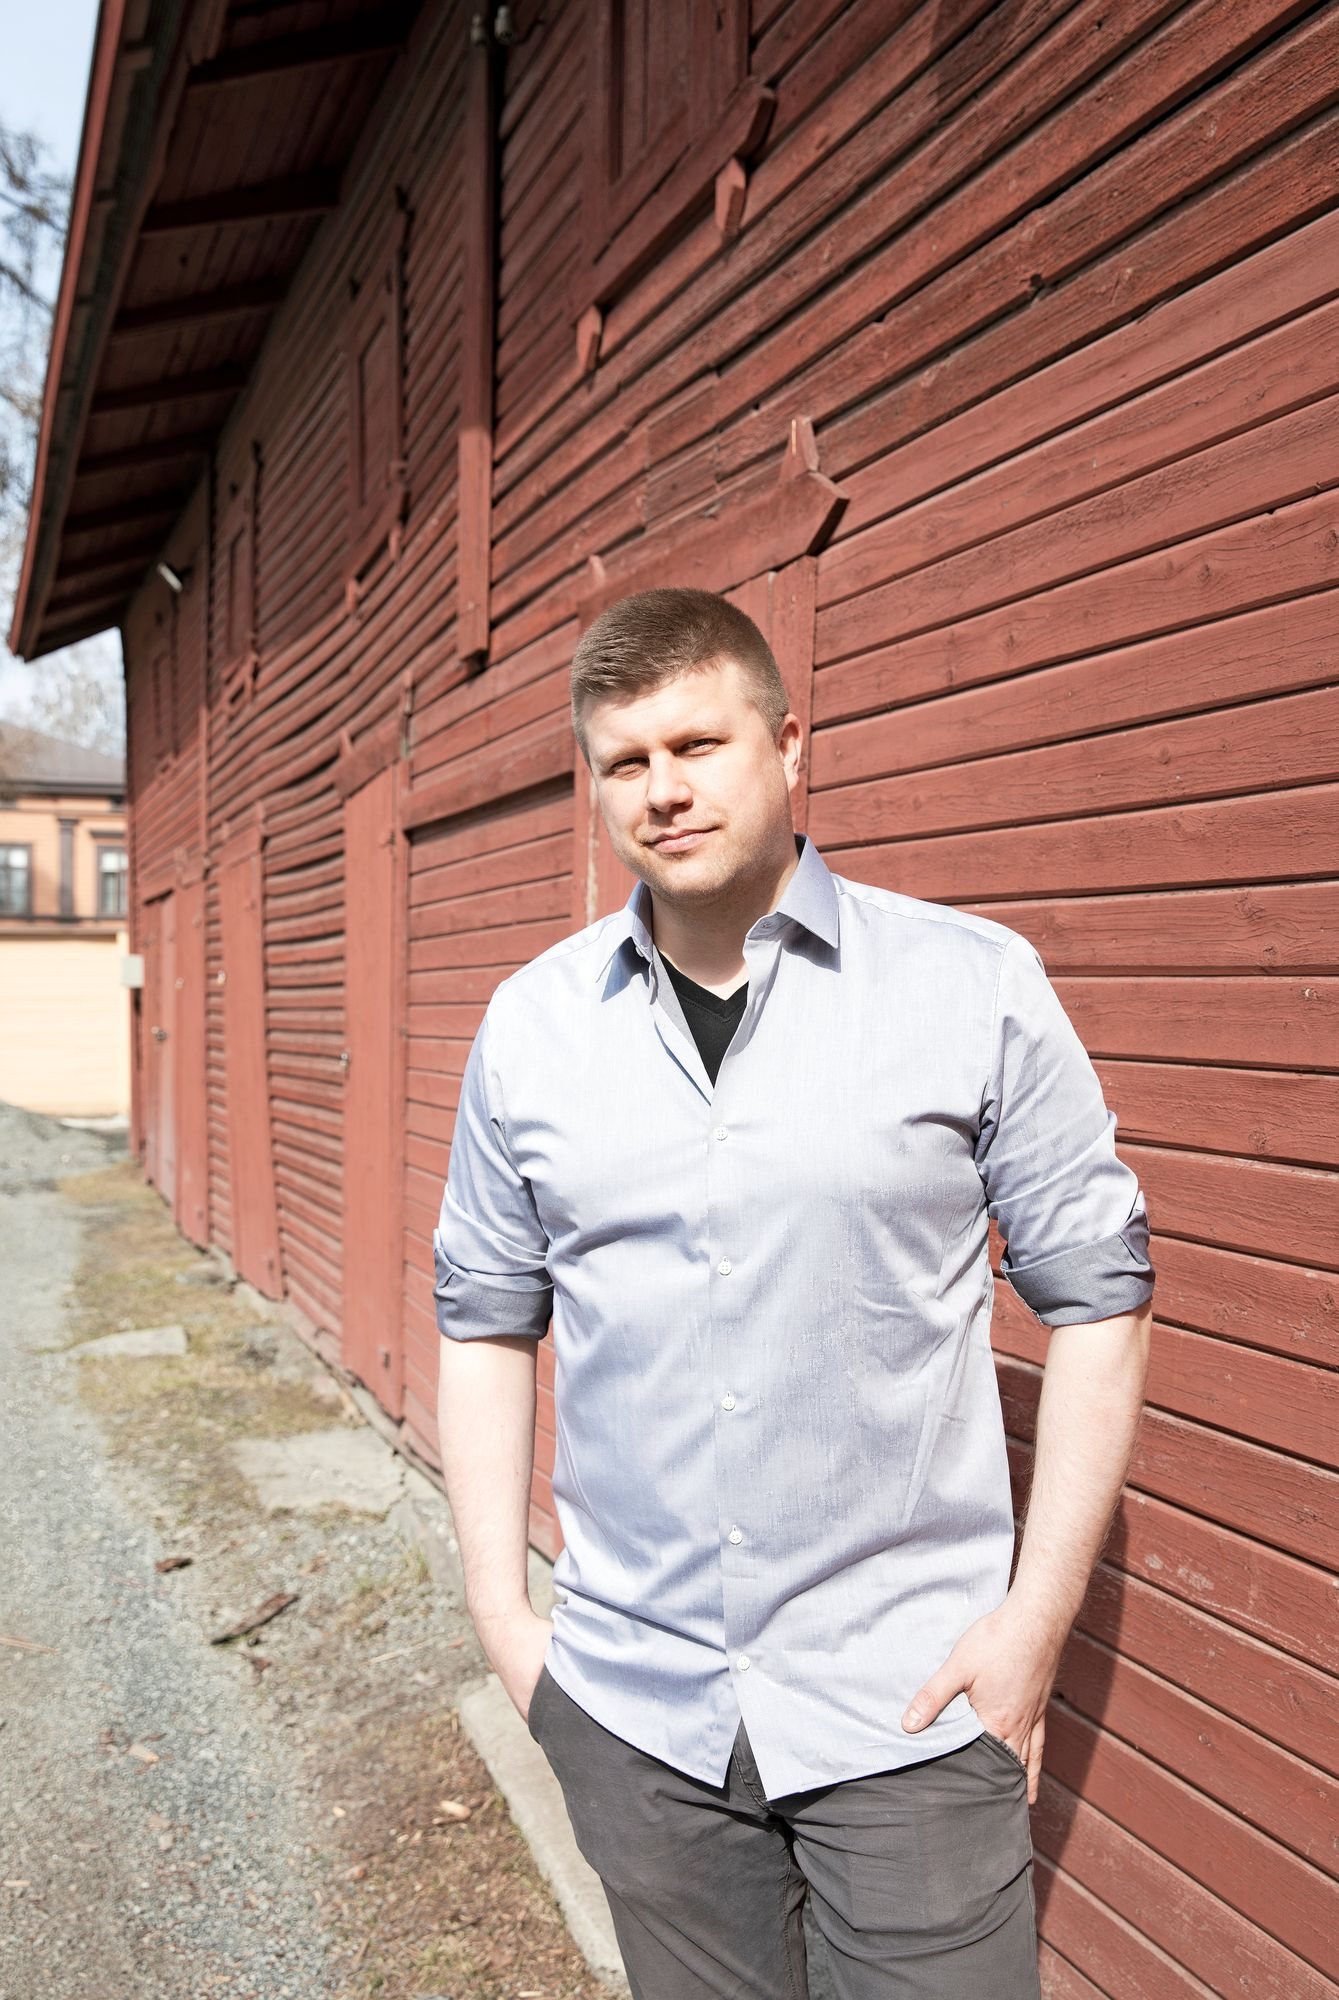 Yrityksen toimitusjohtaja Perttu Partanen on työskennellyt leipomolla 18-vuotiaasta saakka. Autolähetiksi hän ryhtyi heti ajokortin saatuaan. © Riikka Hurri